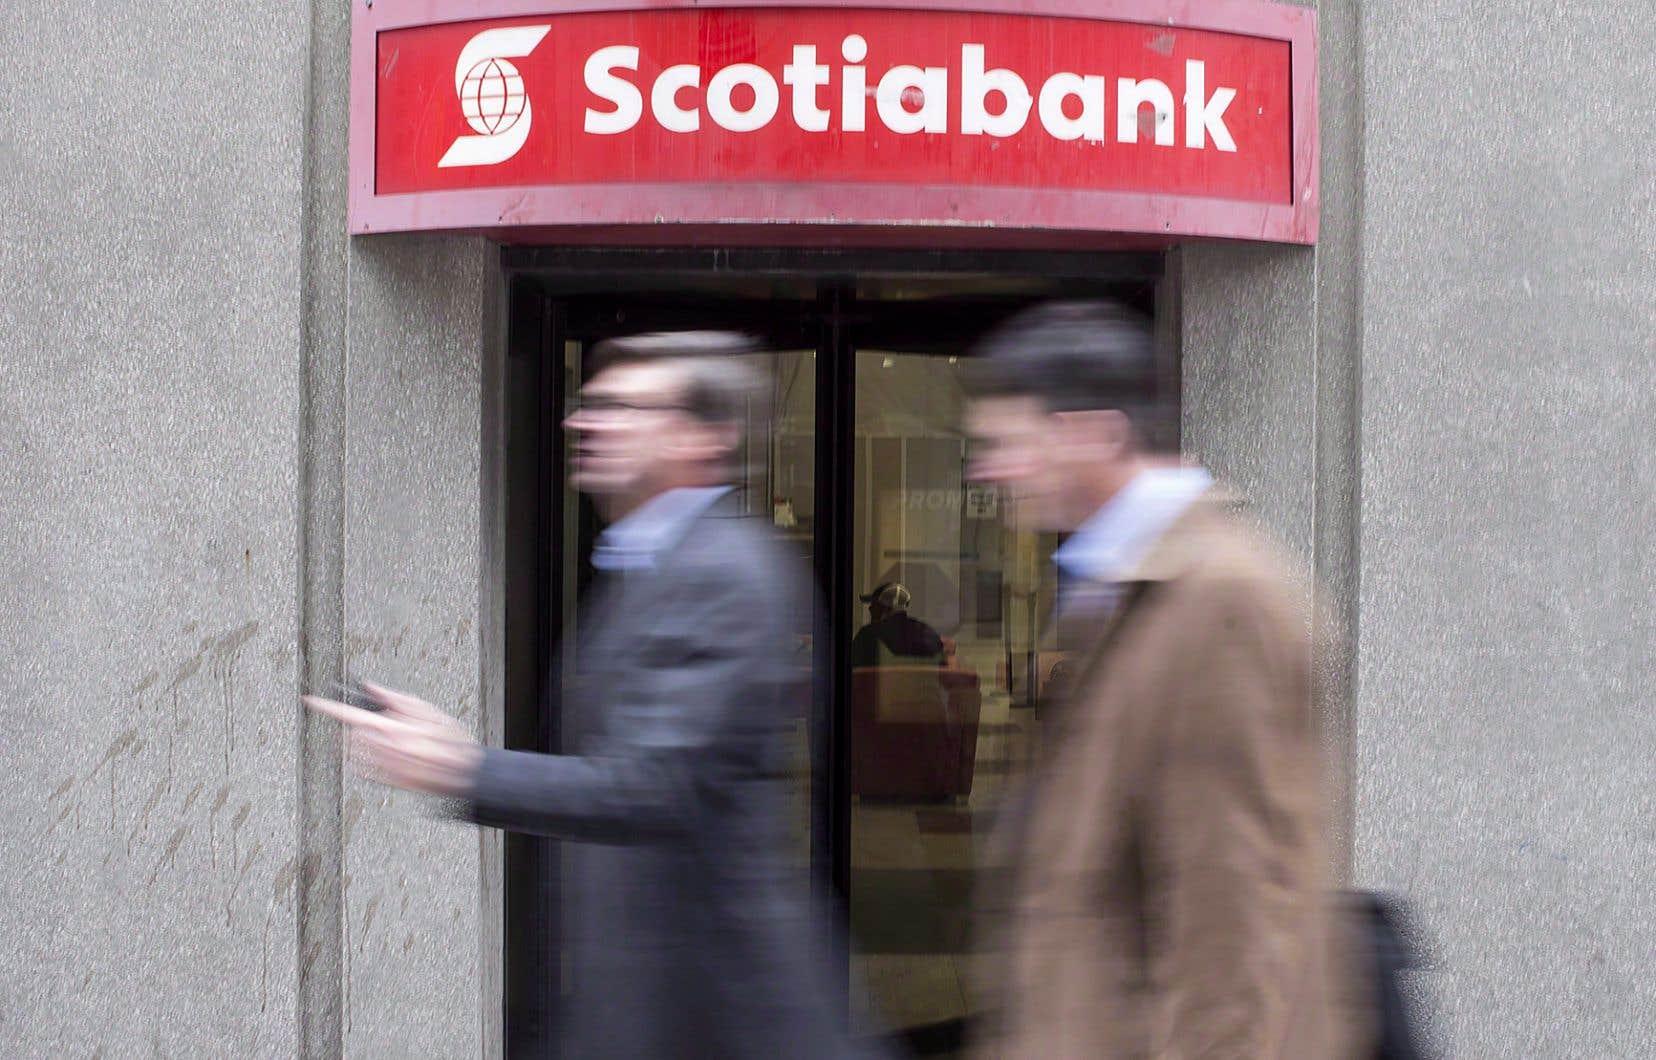 Le troisième prêteur au Canada a vu son bénéfice net augmenter.